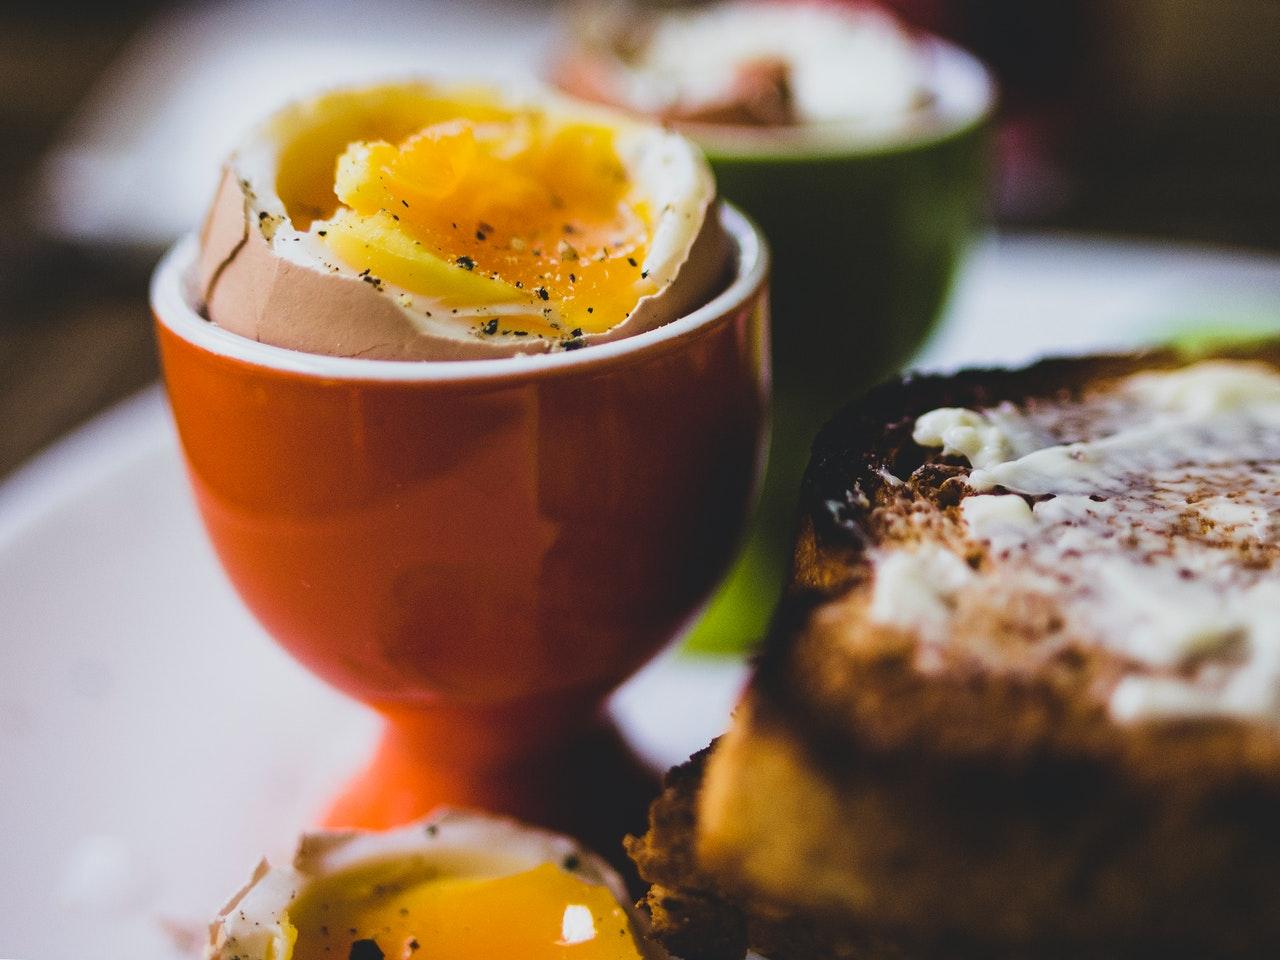 Mit einem Eierköpfer köpfst Du Eier ganz einfach und sauber. So besteht nicht die Gefahr, dass Teile der Schale in das Ei gelangen.